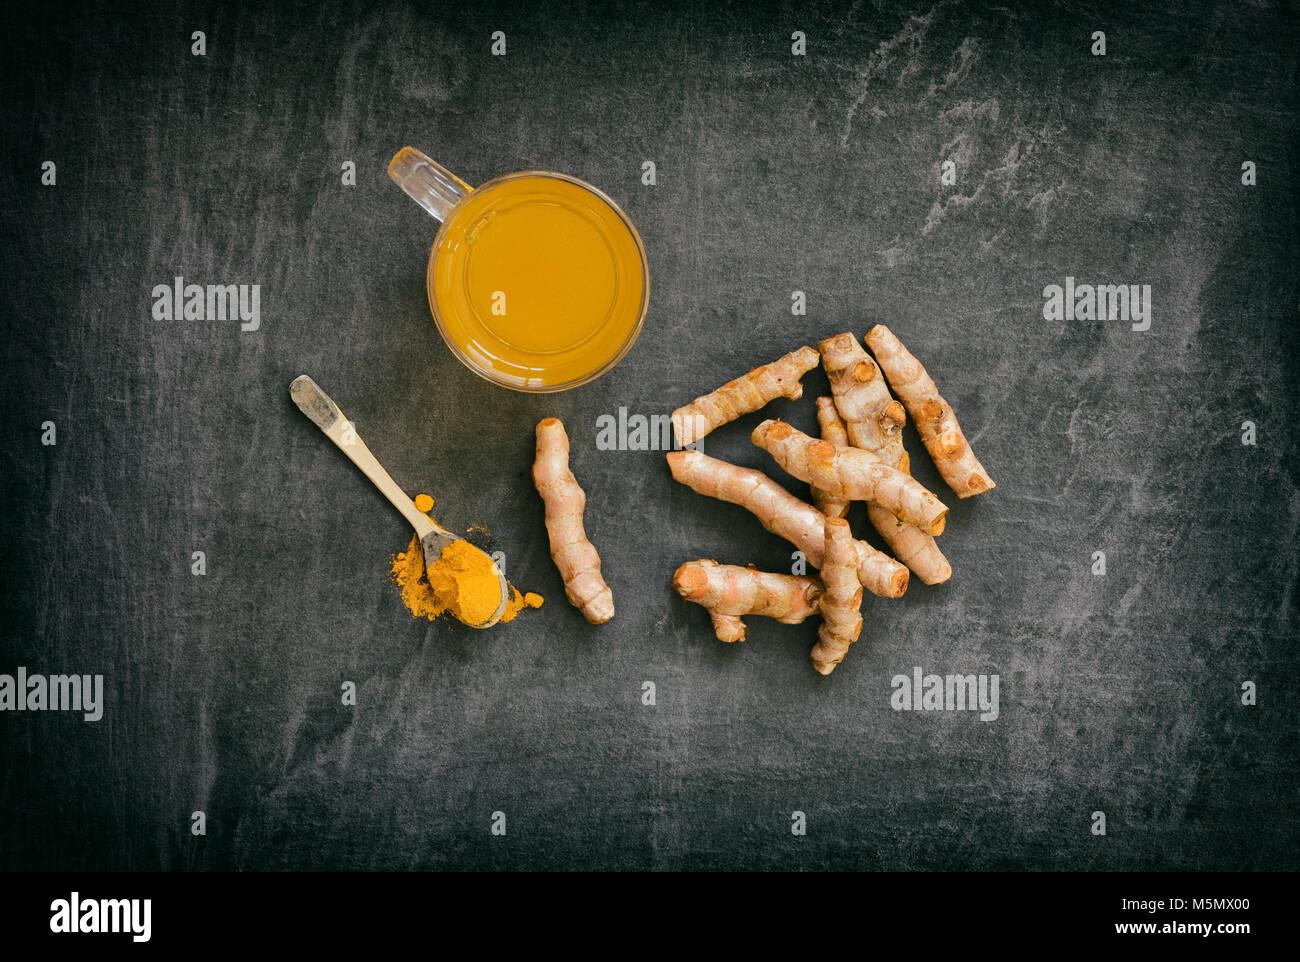 Curcuma longa. Curcuma tè con polvere e rizomi su un sfondo di ardesia. Immagini Stock